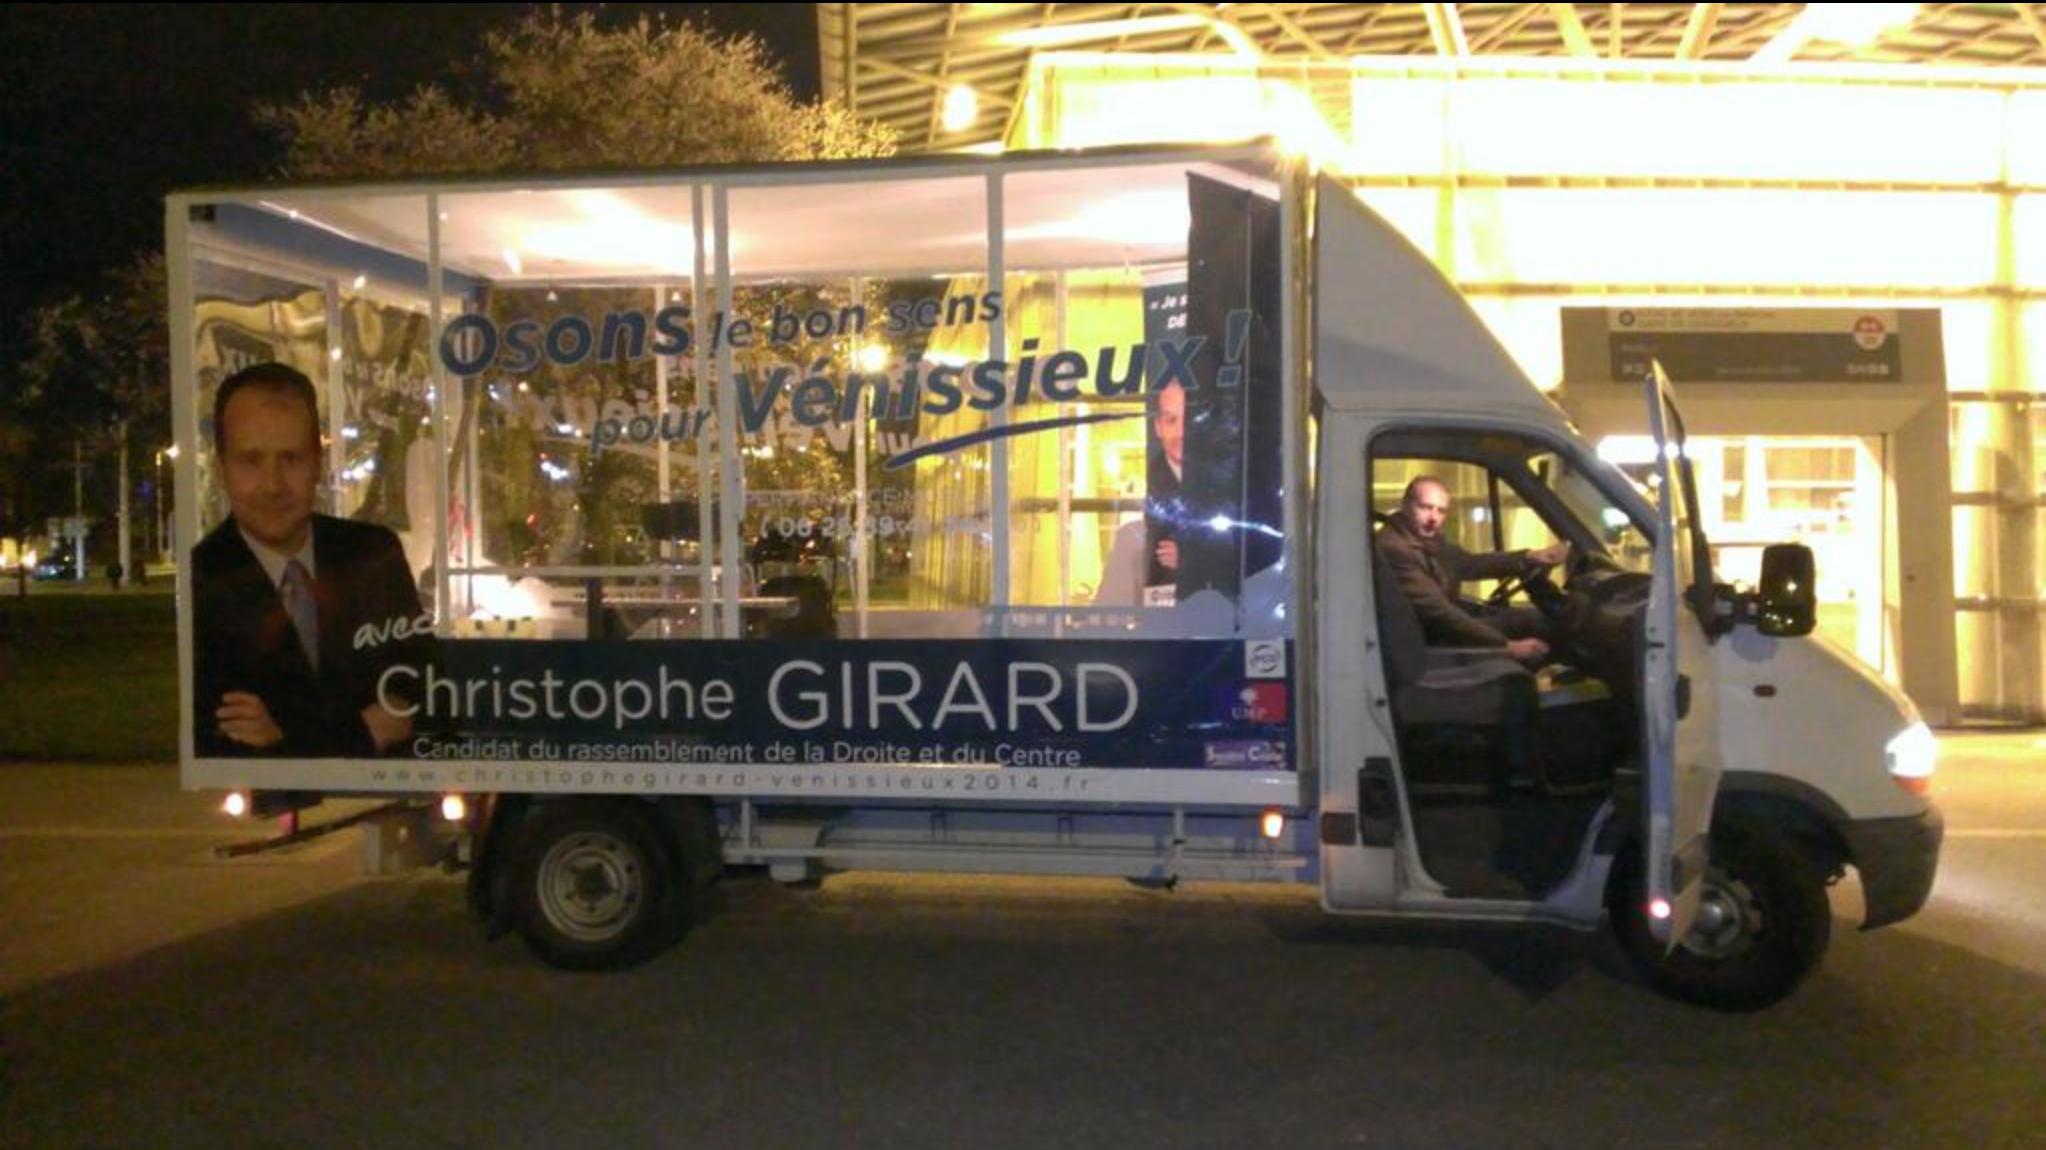 Vénissieux 2015 — Christophe Girard (divers droite) : « L'arrêté anti-expulsions est ignoble »